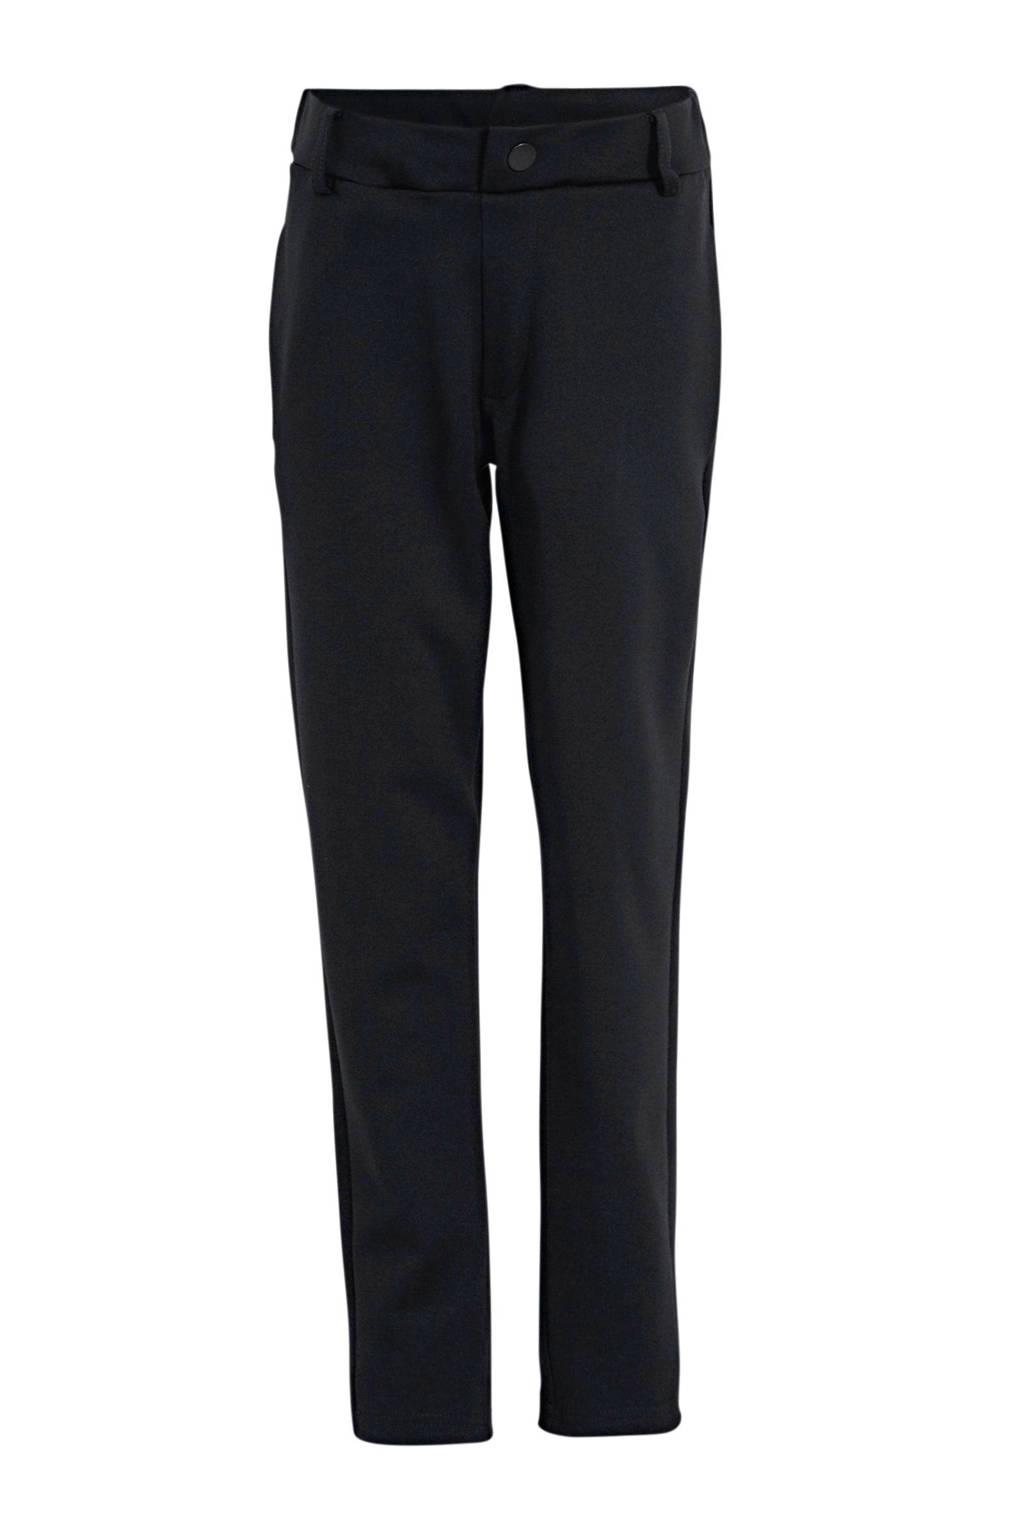 NAME IT KIDS pantalon Singo zwart, Zwart